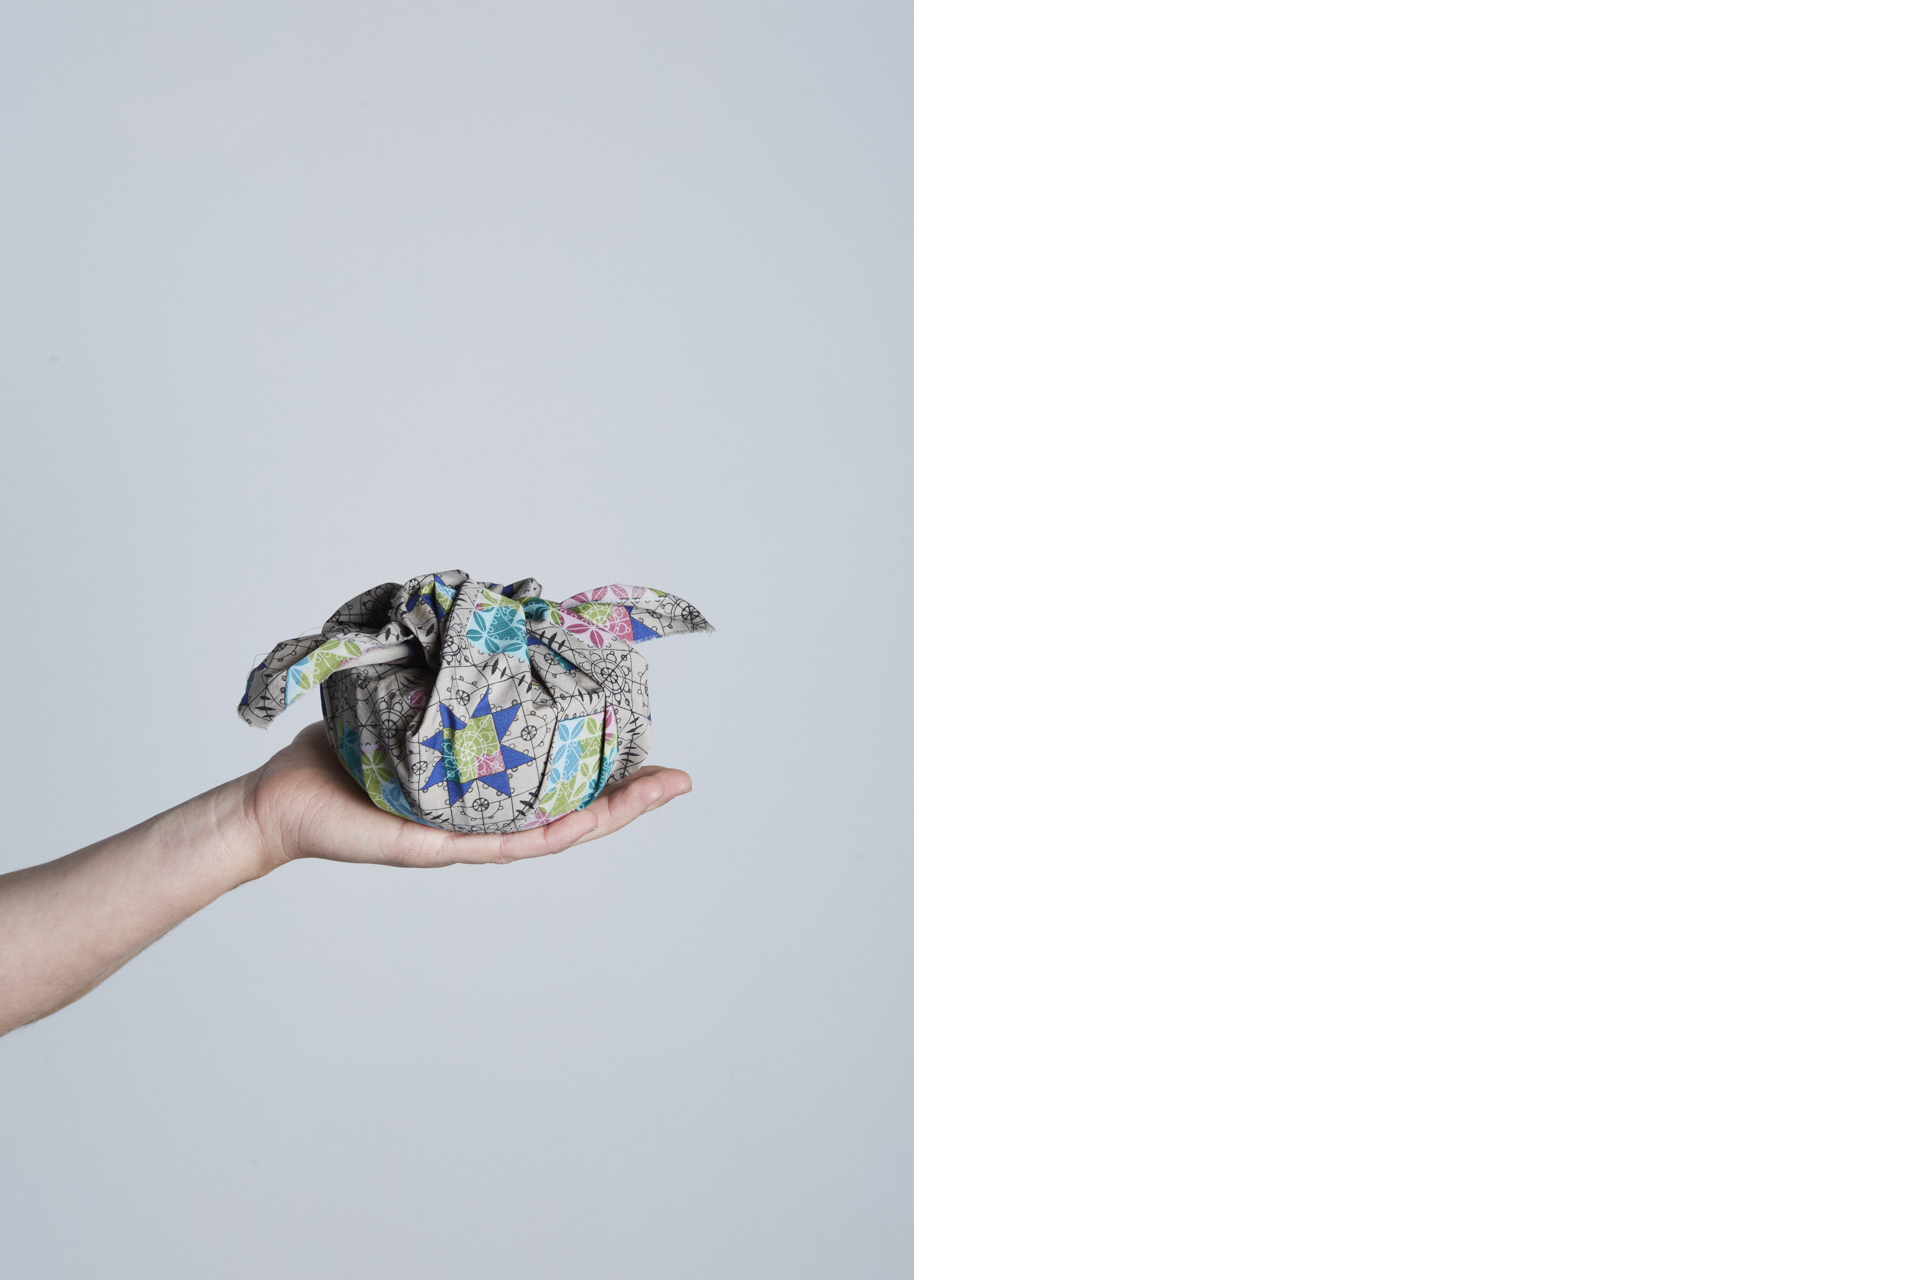 mano artigiana ceramista che tiene in mano una ciotola avvolta in un tessuto - Federica Ramacciotti